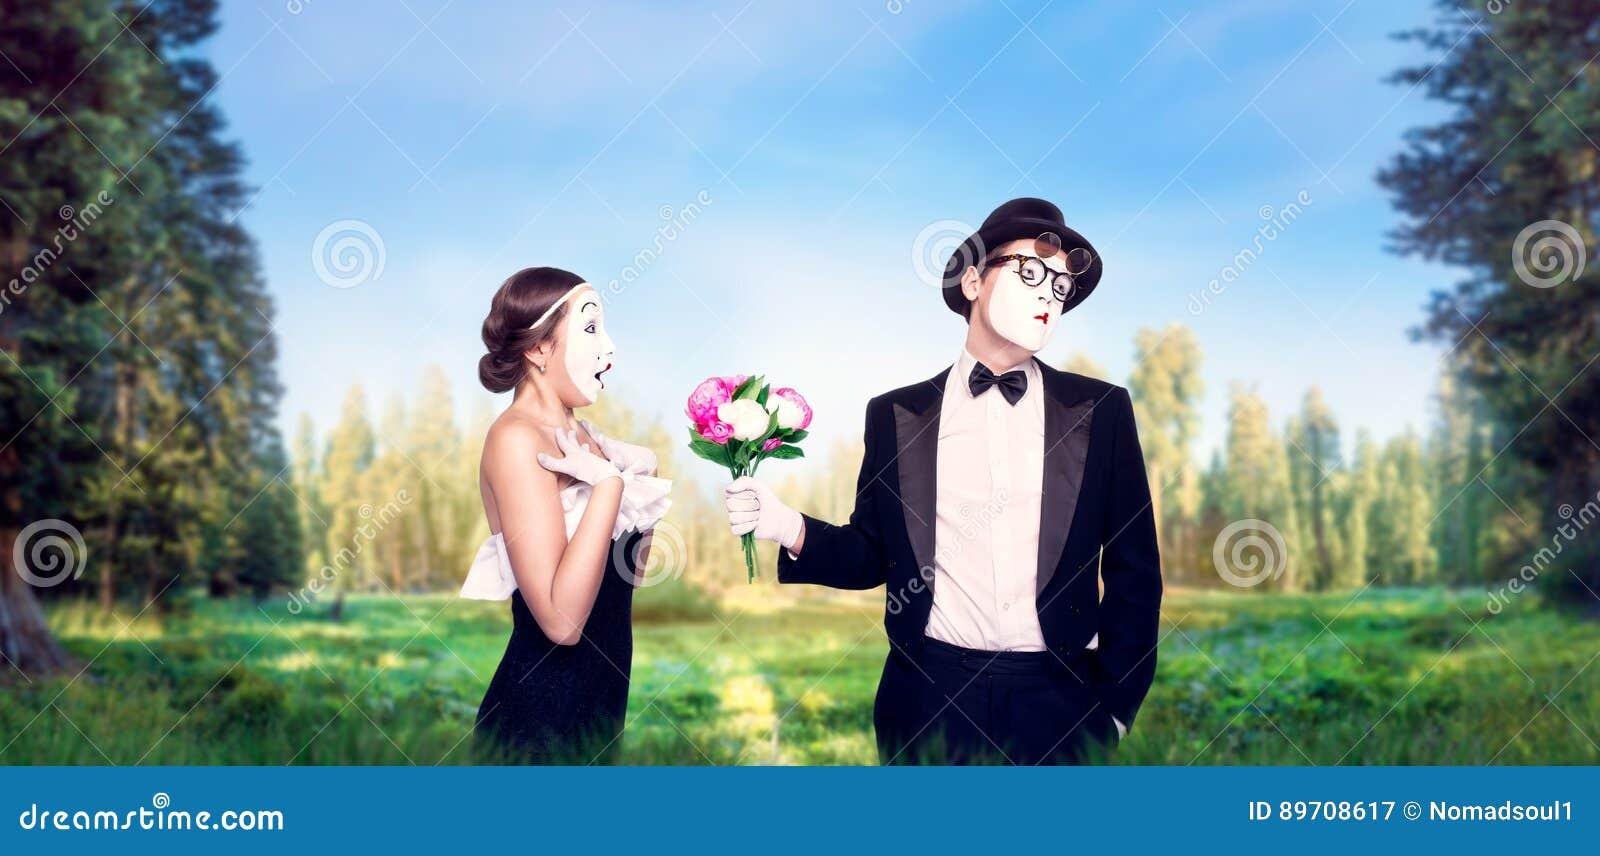 Imite a los actores que se realizan con el ramo de la flor